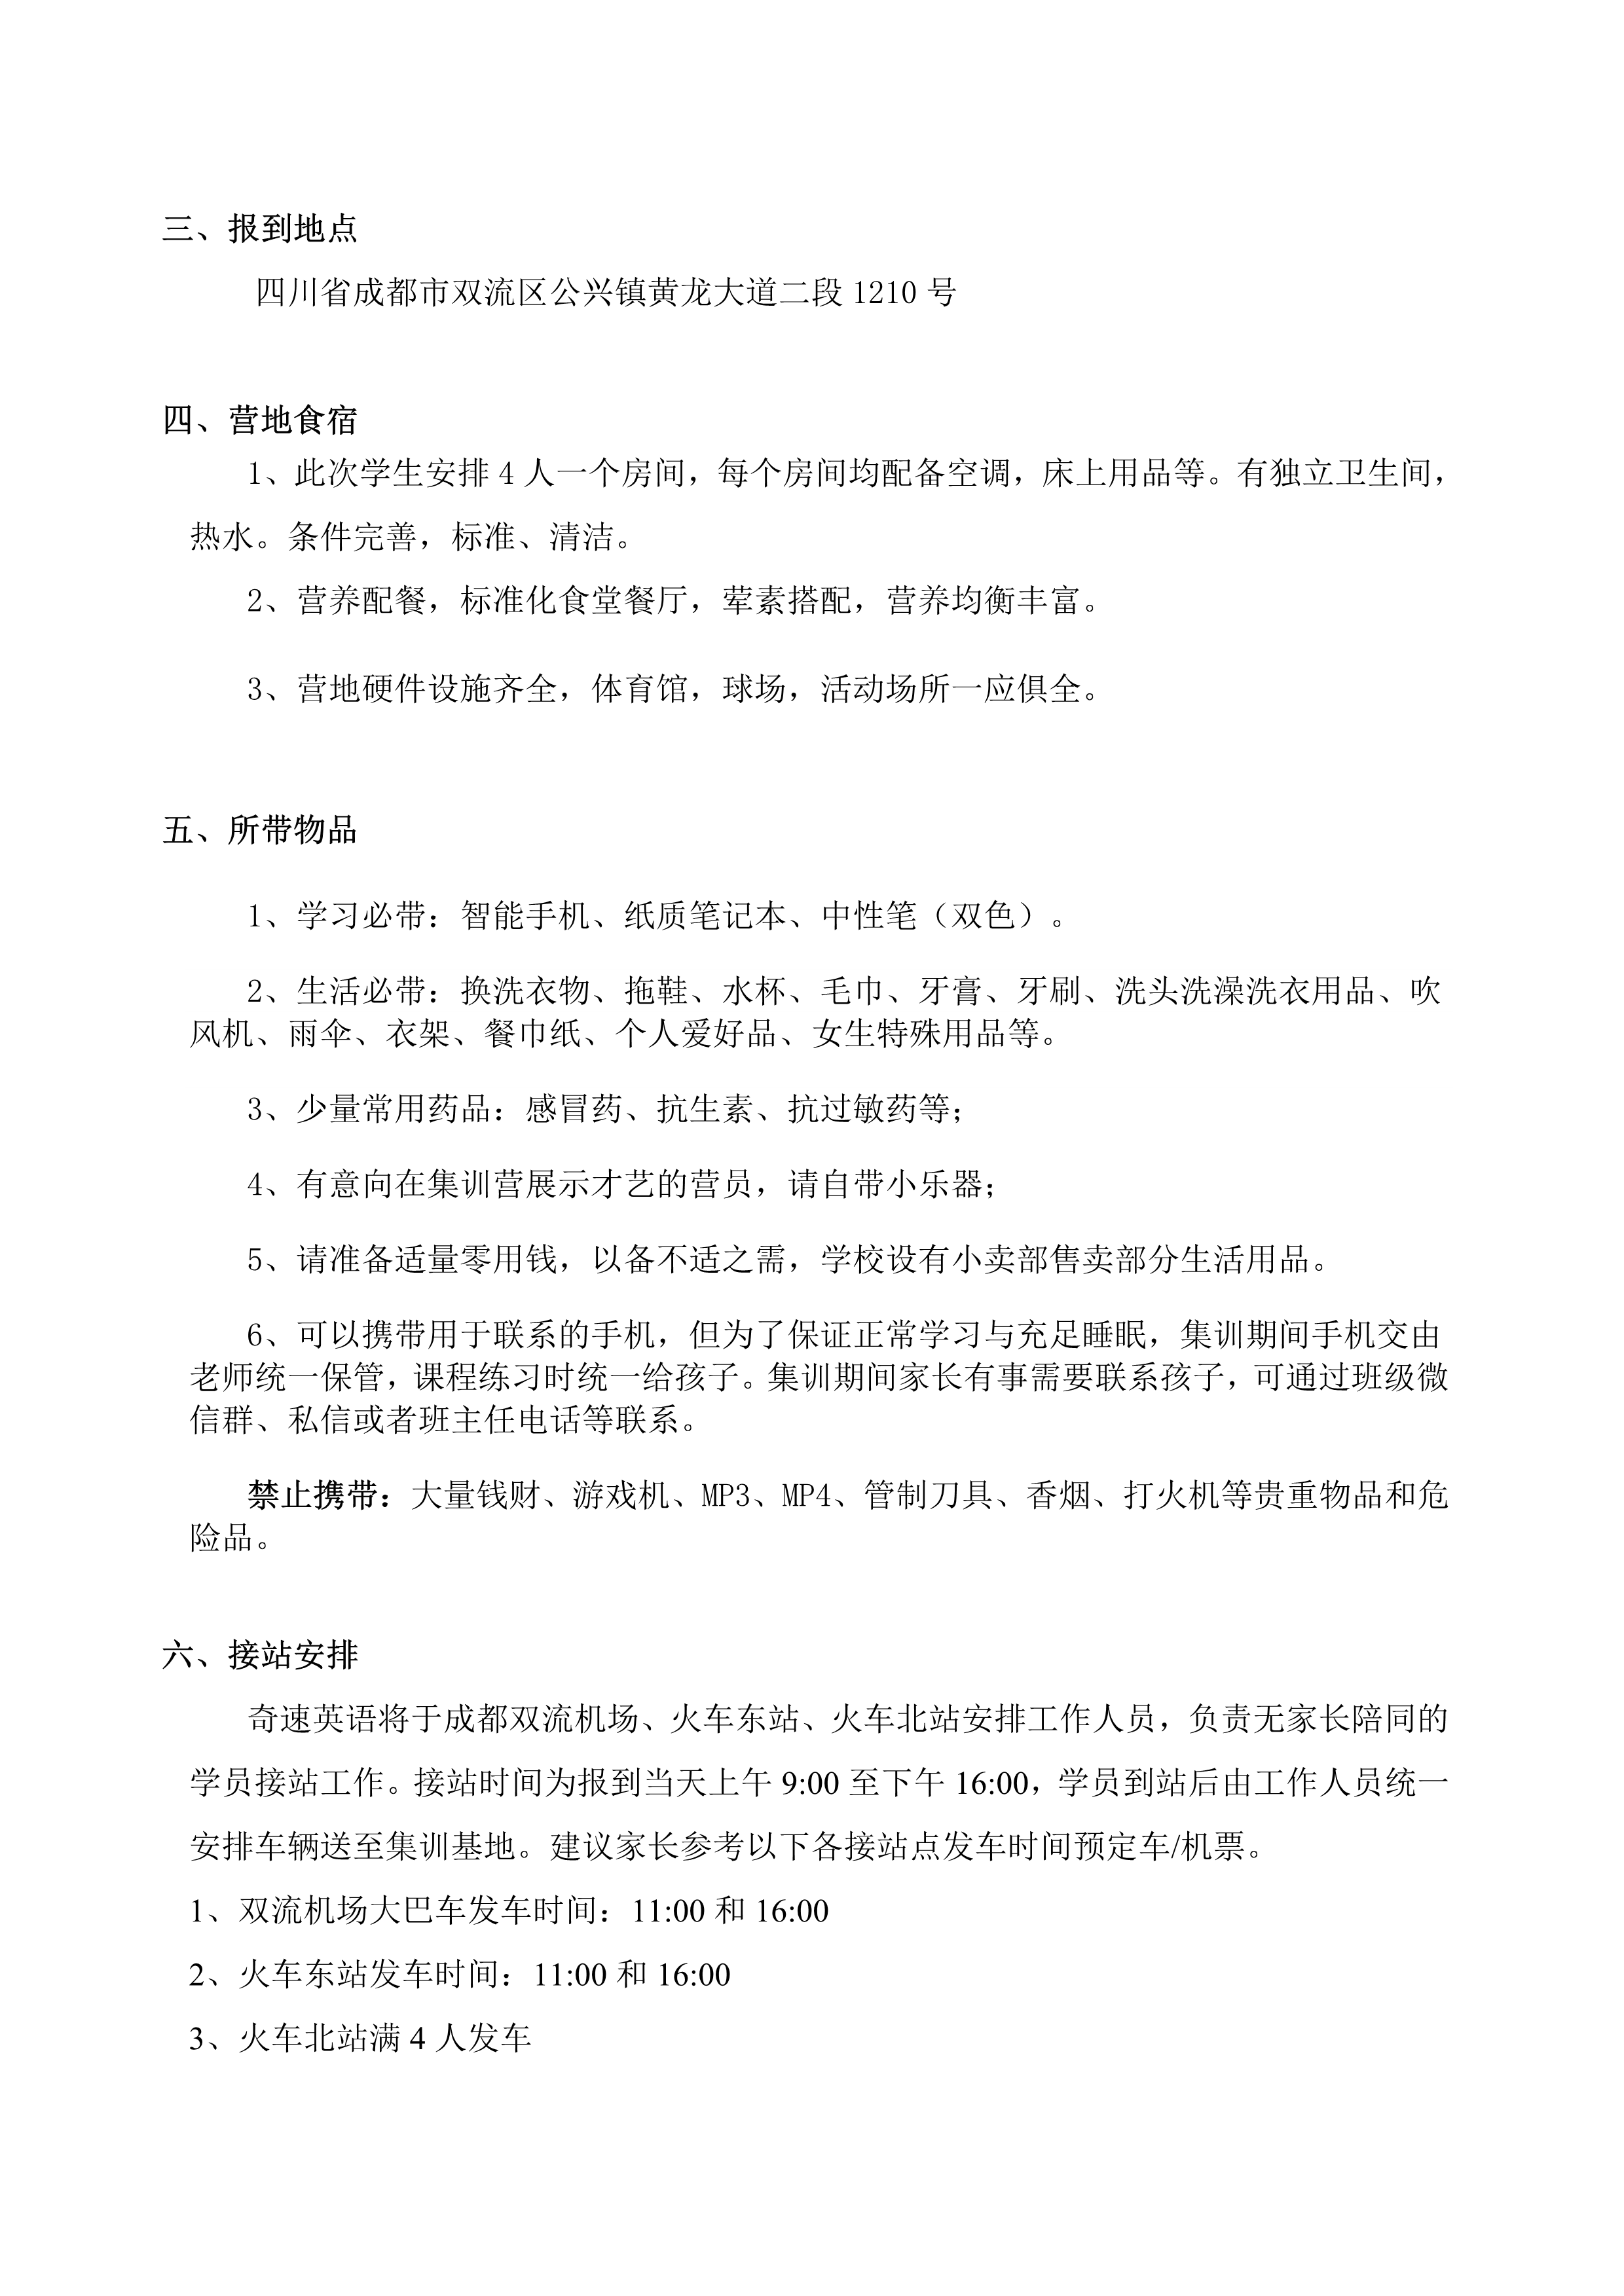 2020中国奇速英语国际精英特训营第18期冬令营学员报到须知